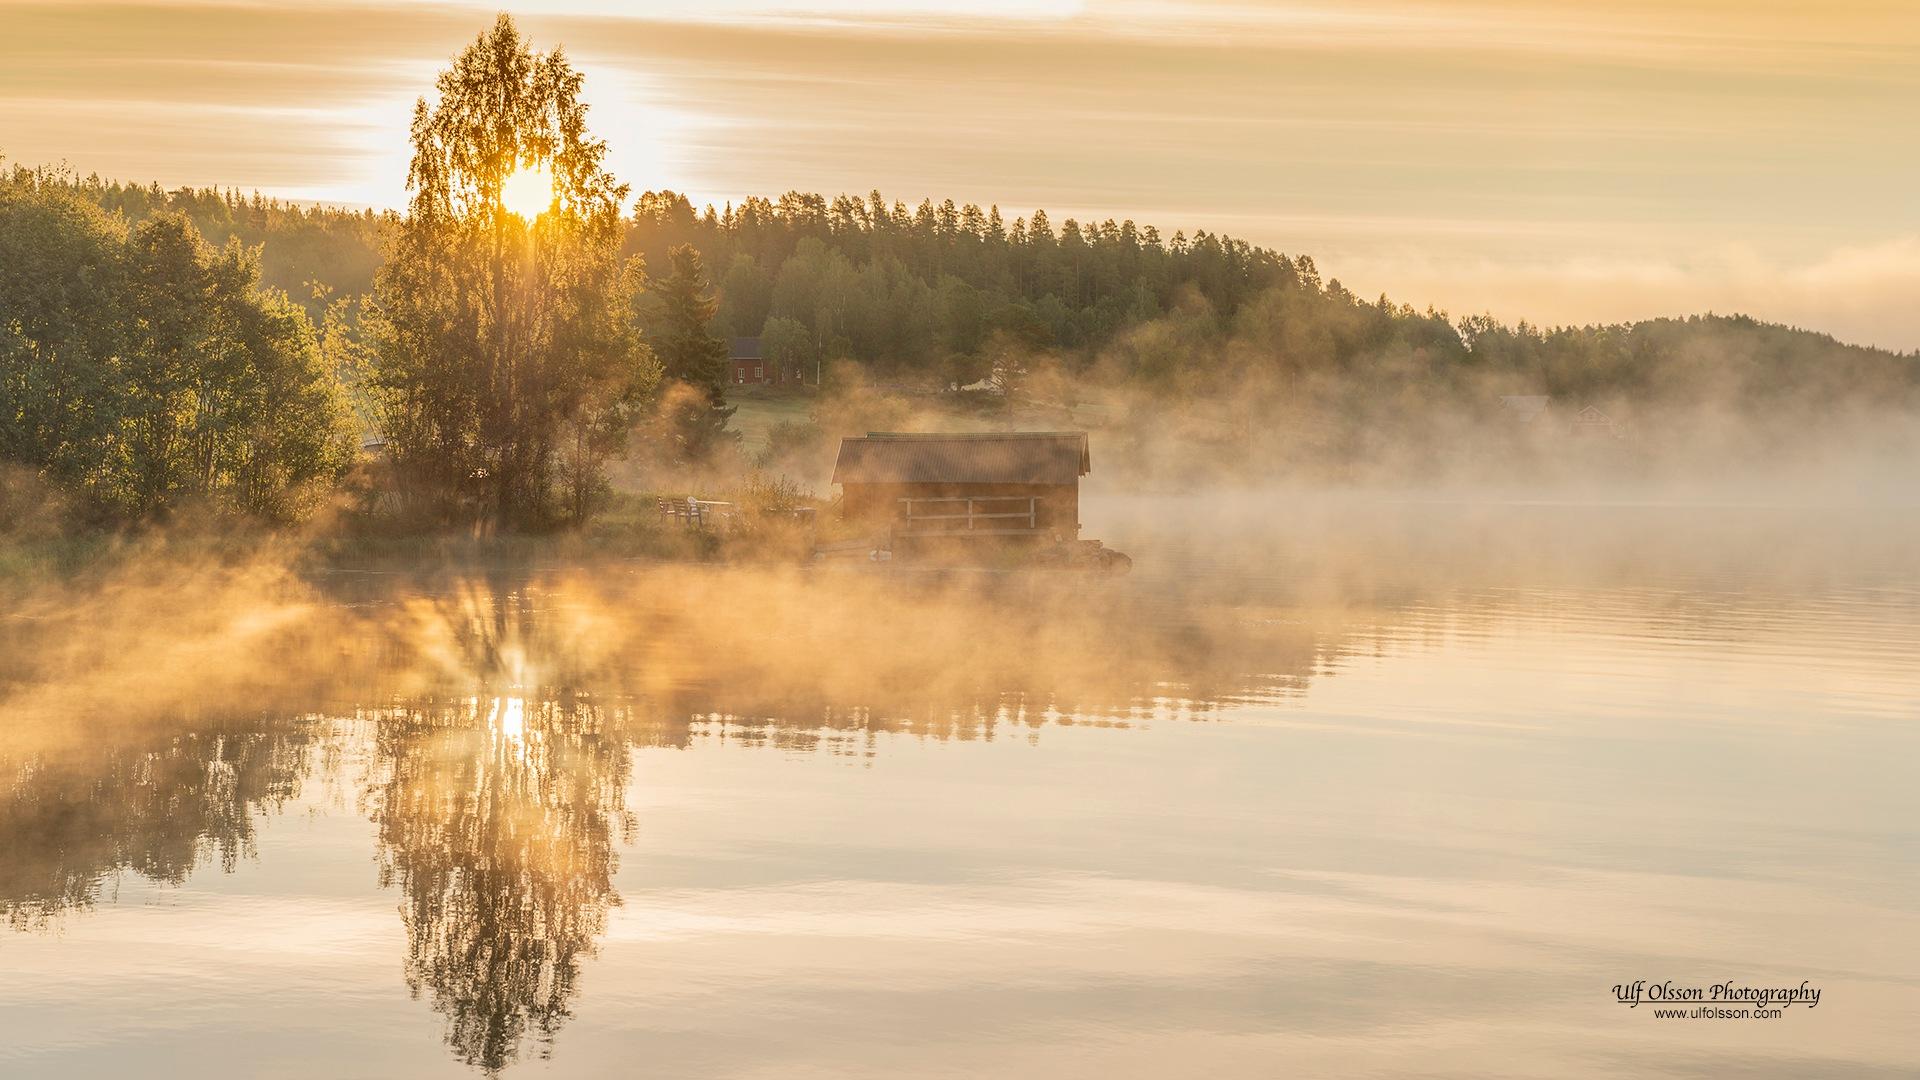 Morning fog by uffeo56